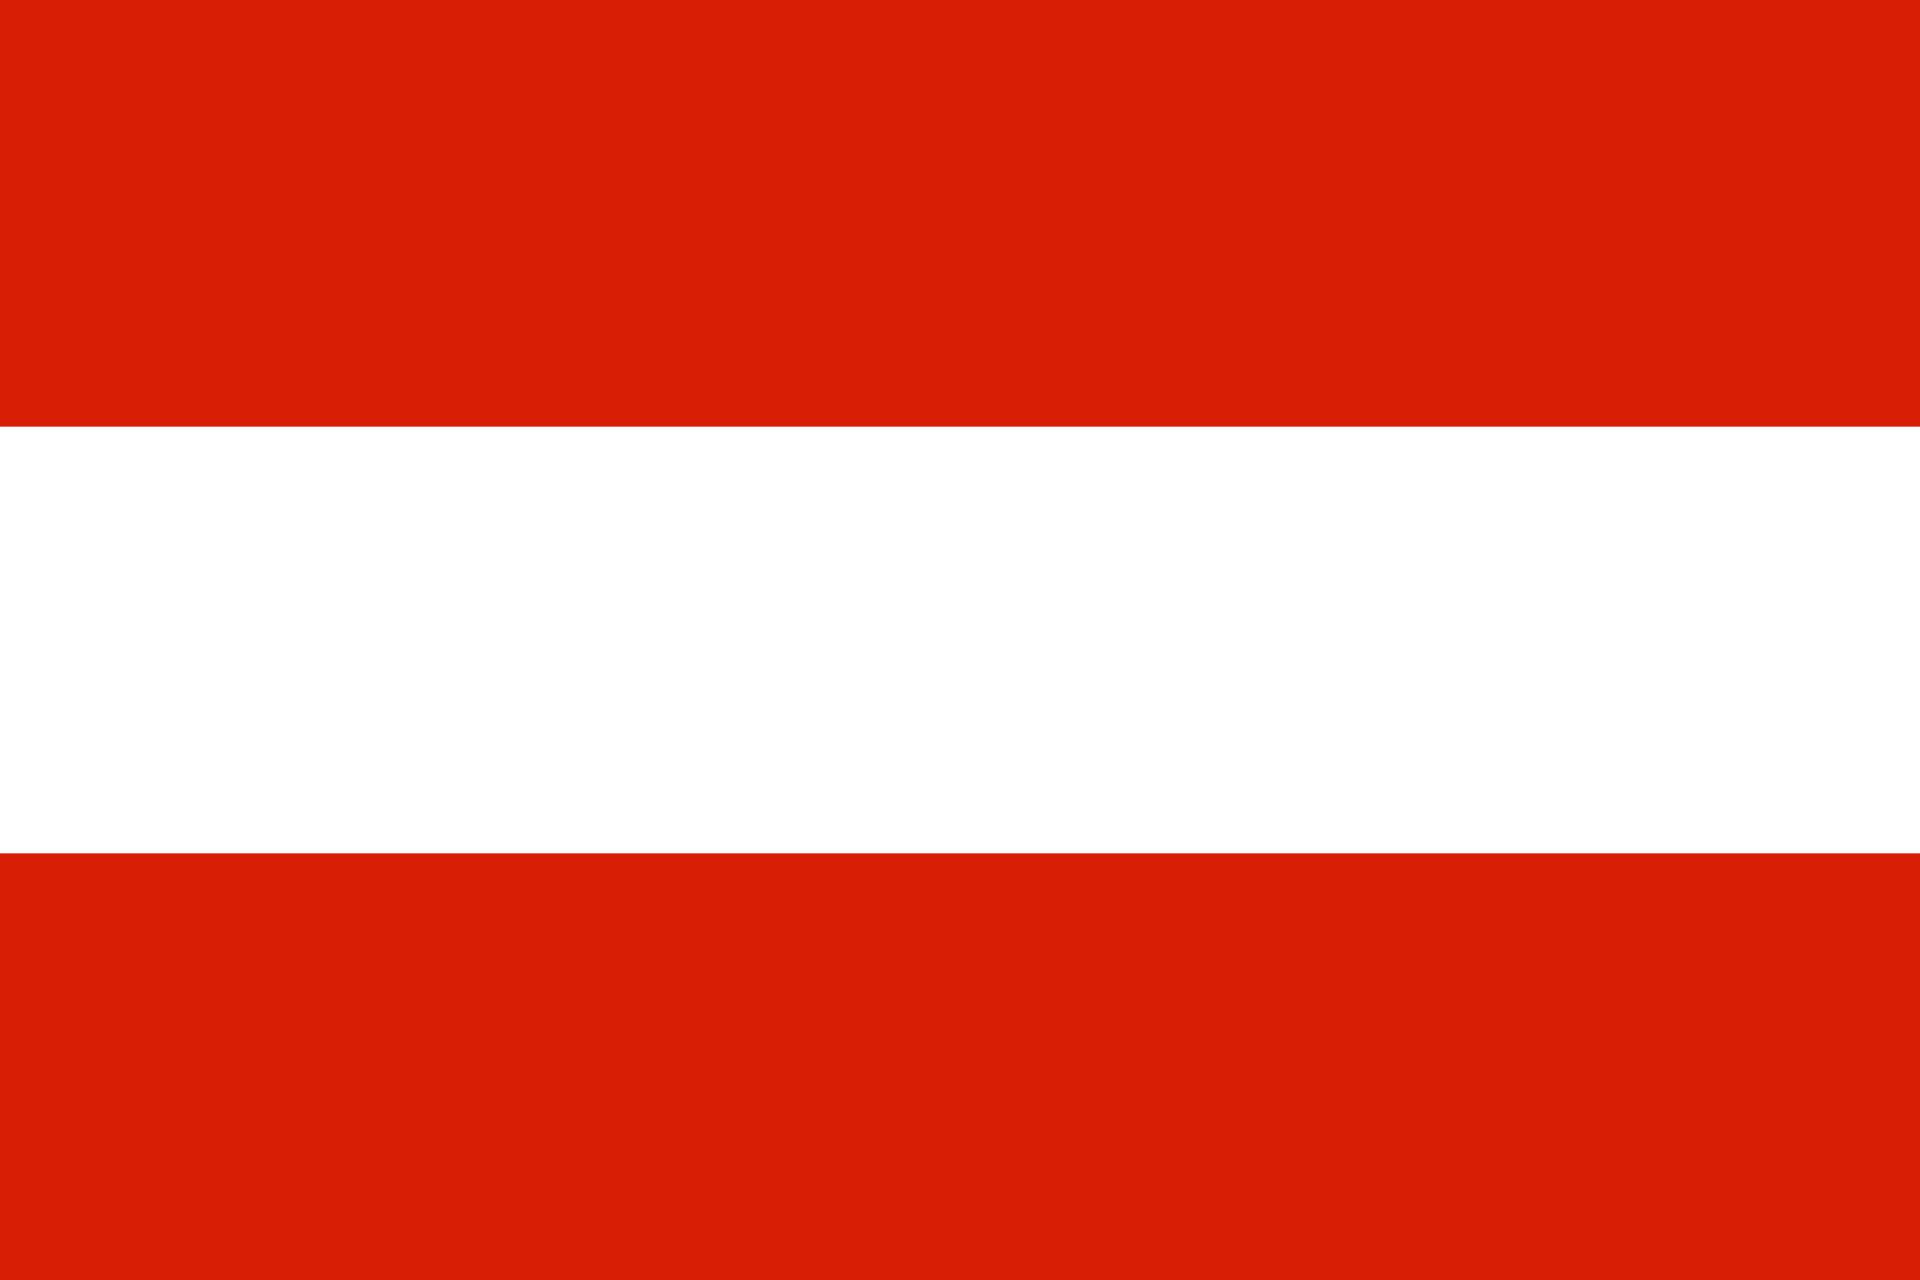 Bild Fahne Österreich